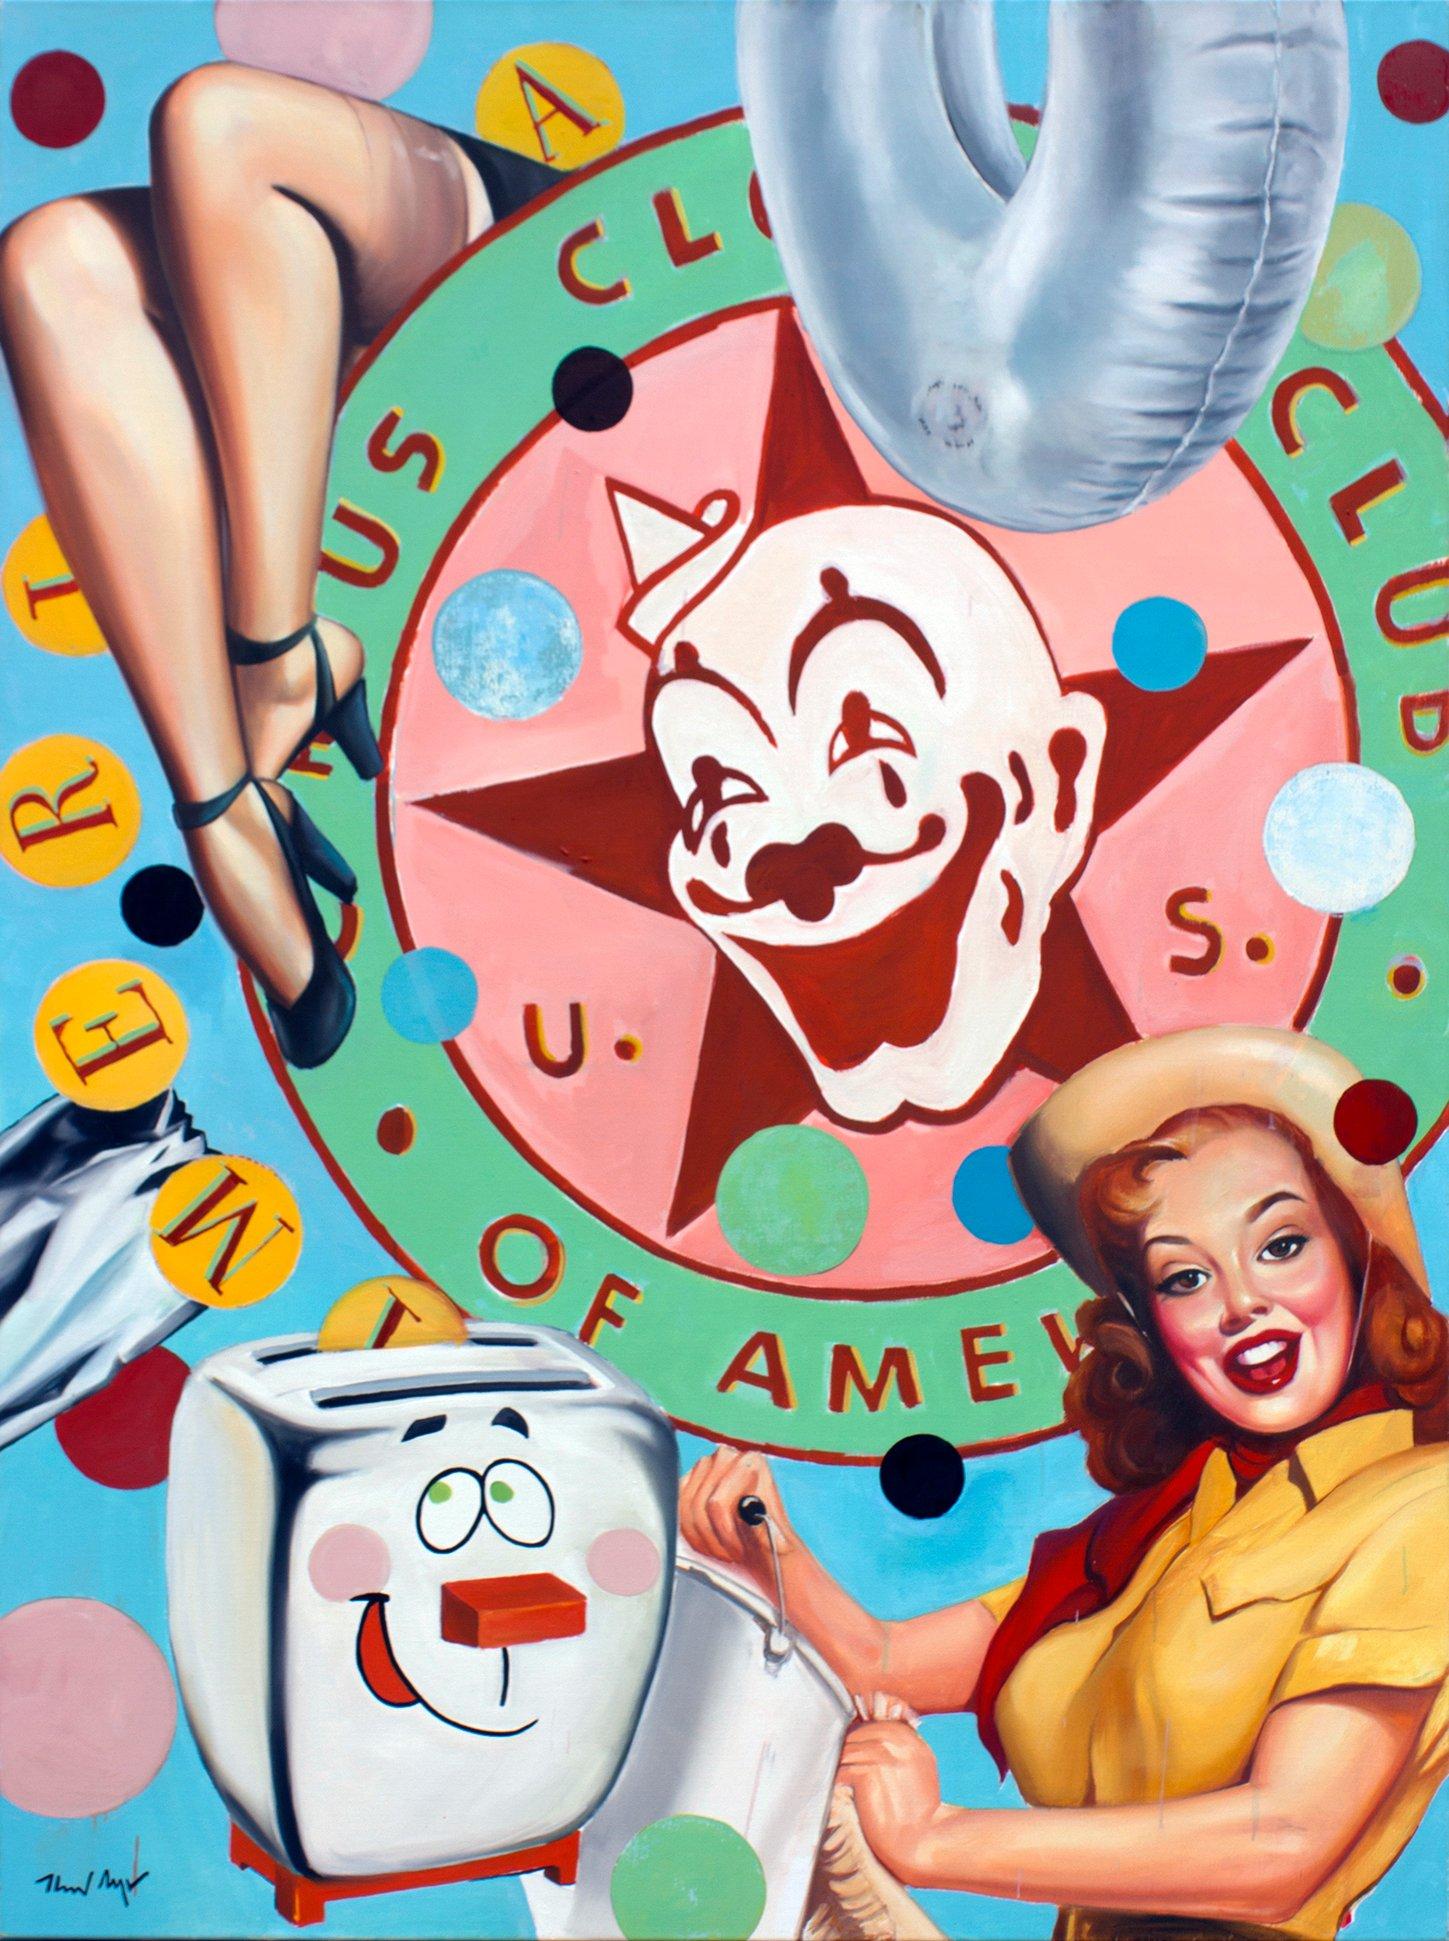 Clown Club of America - framed 64.75 x 49 in